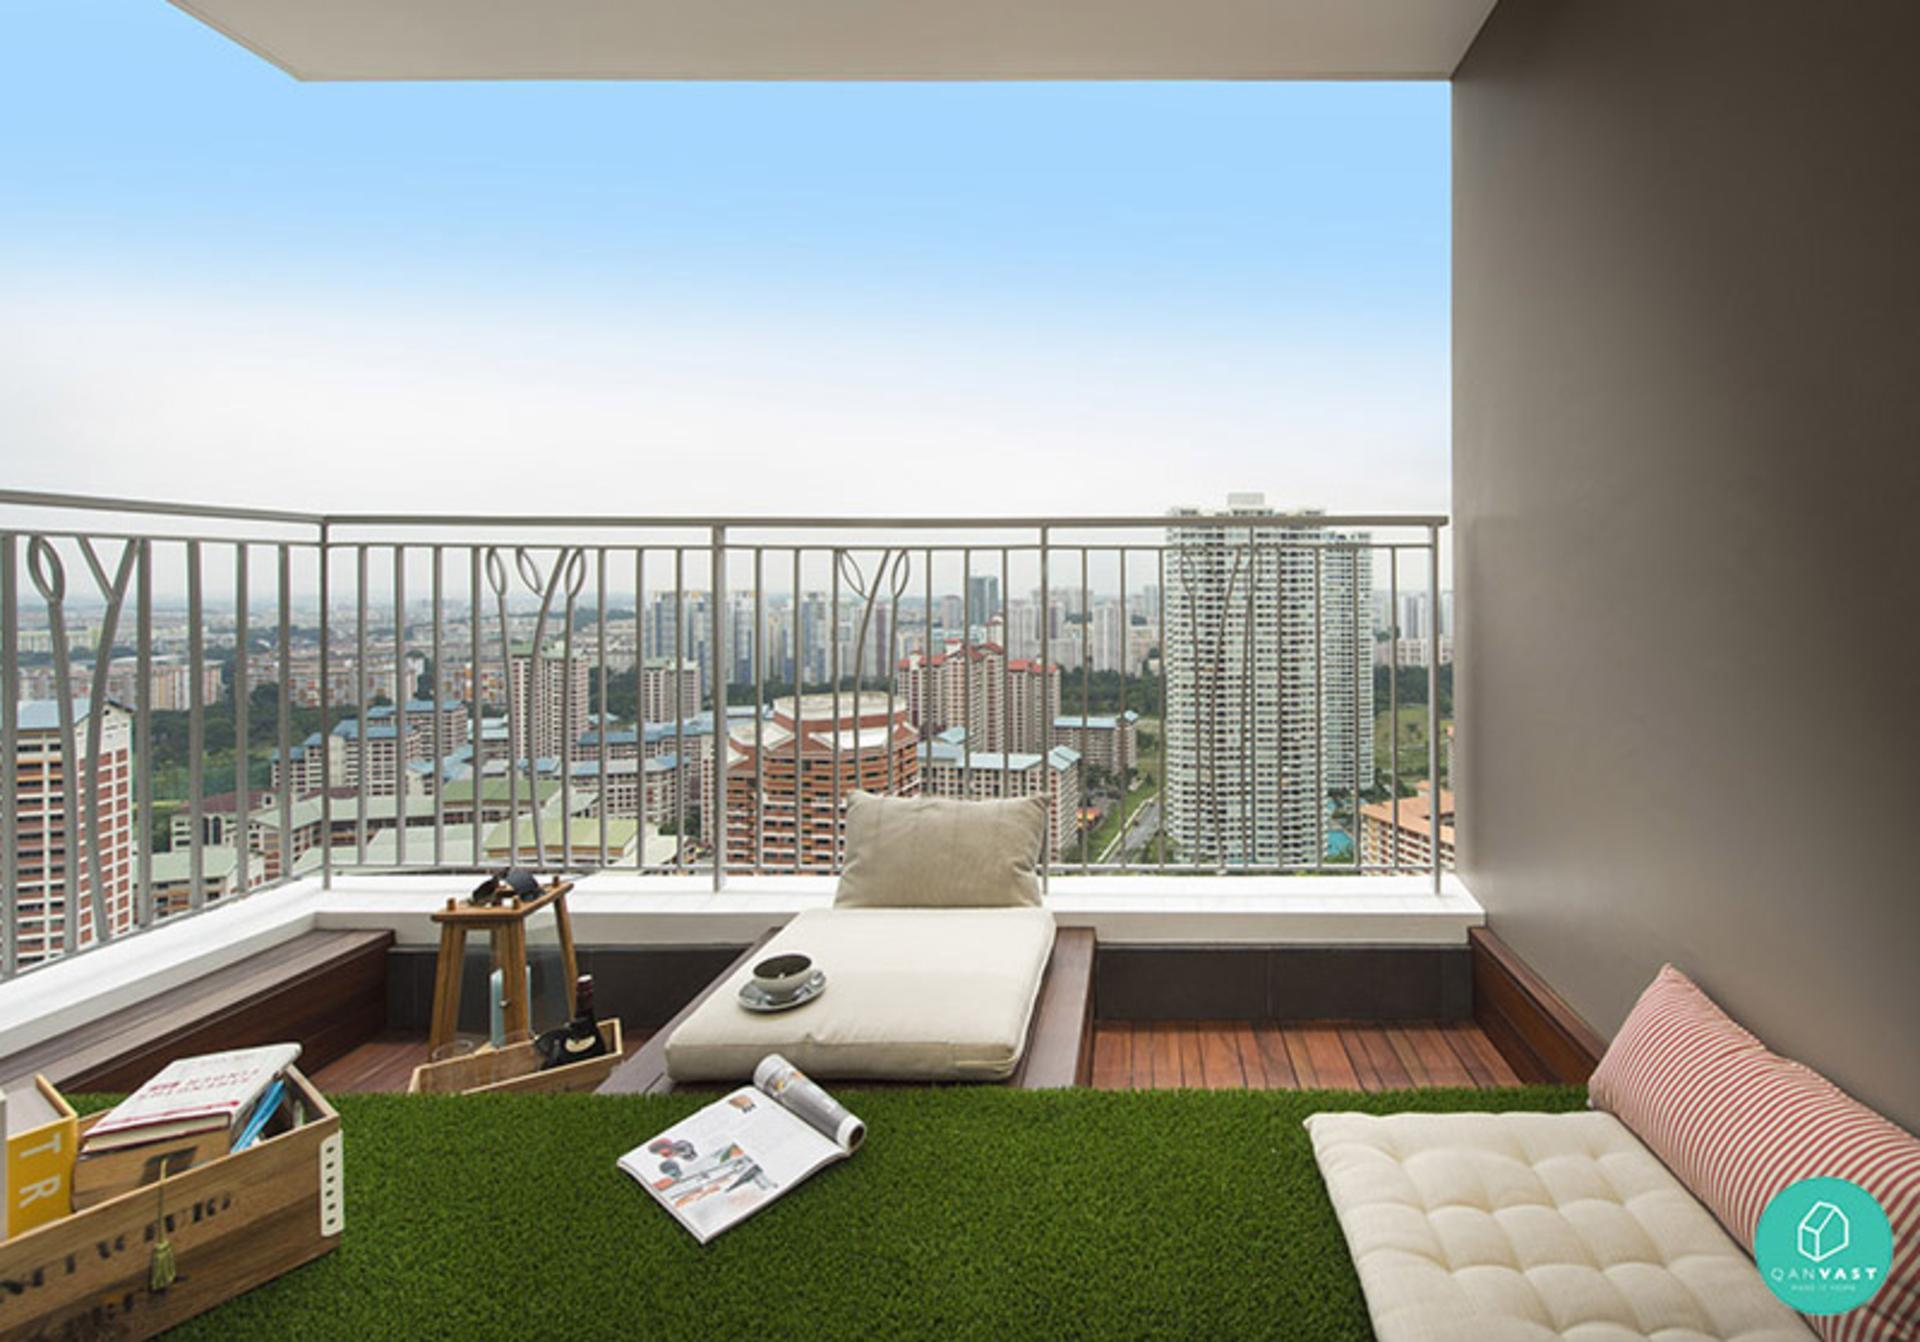 5 ideas to invigorate your hdbcondo balcony